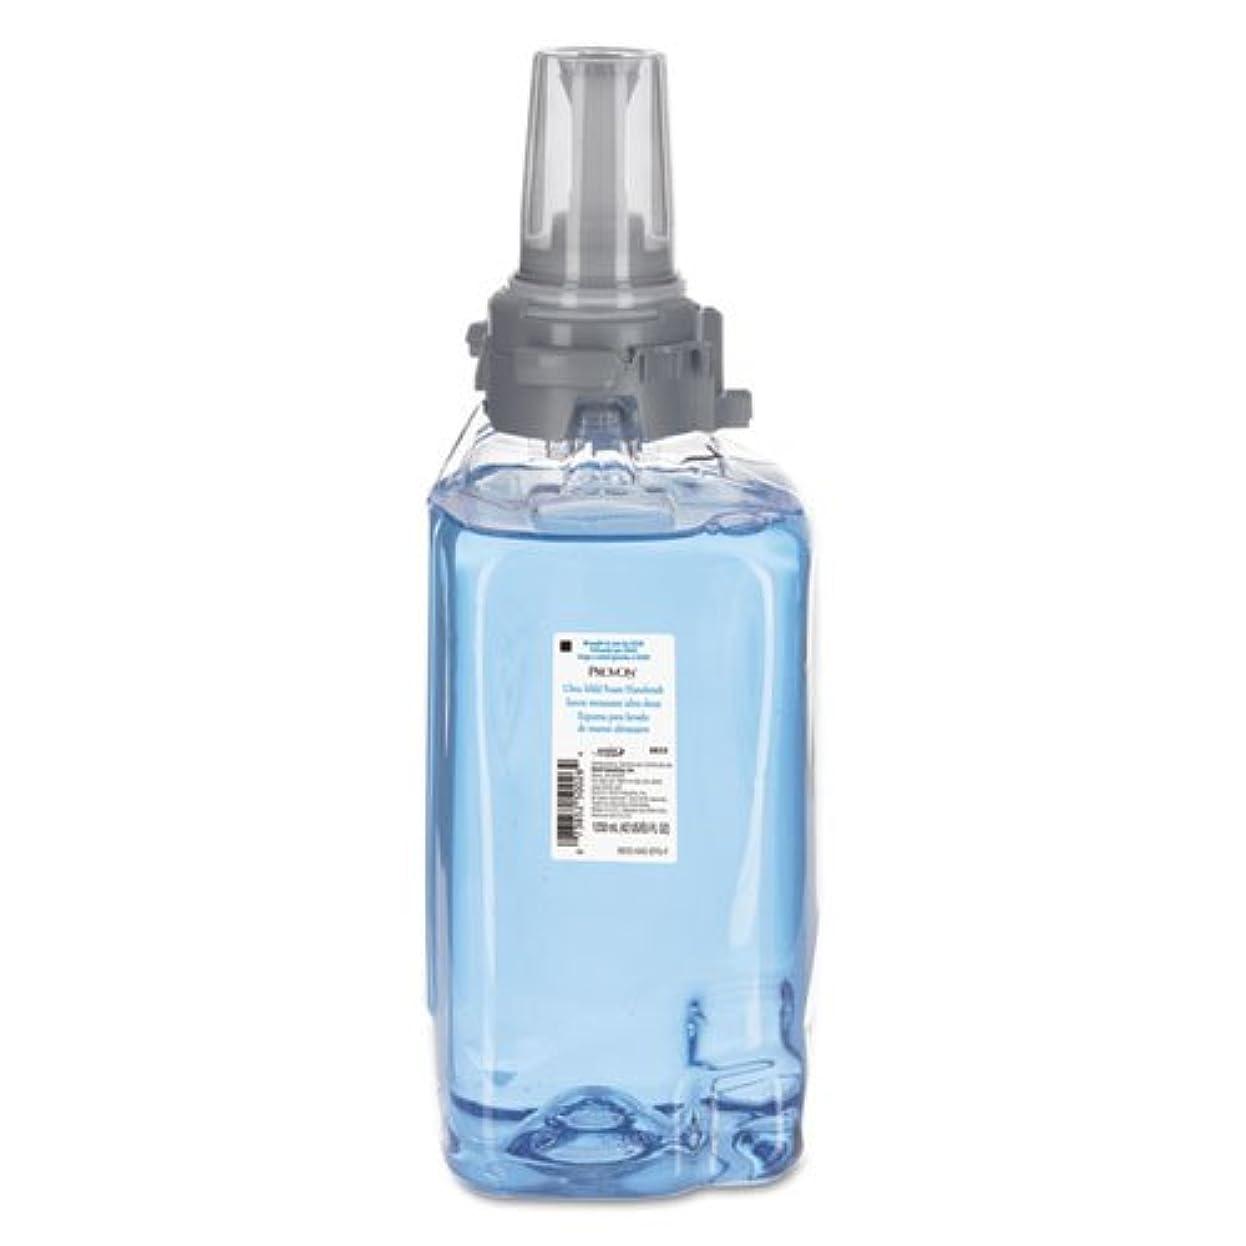 ずらす二次検閲GOJO 超中性フォームハンドウォッシュ、フレッシュな香り、1250ml詰め替え、3/カートン。